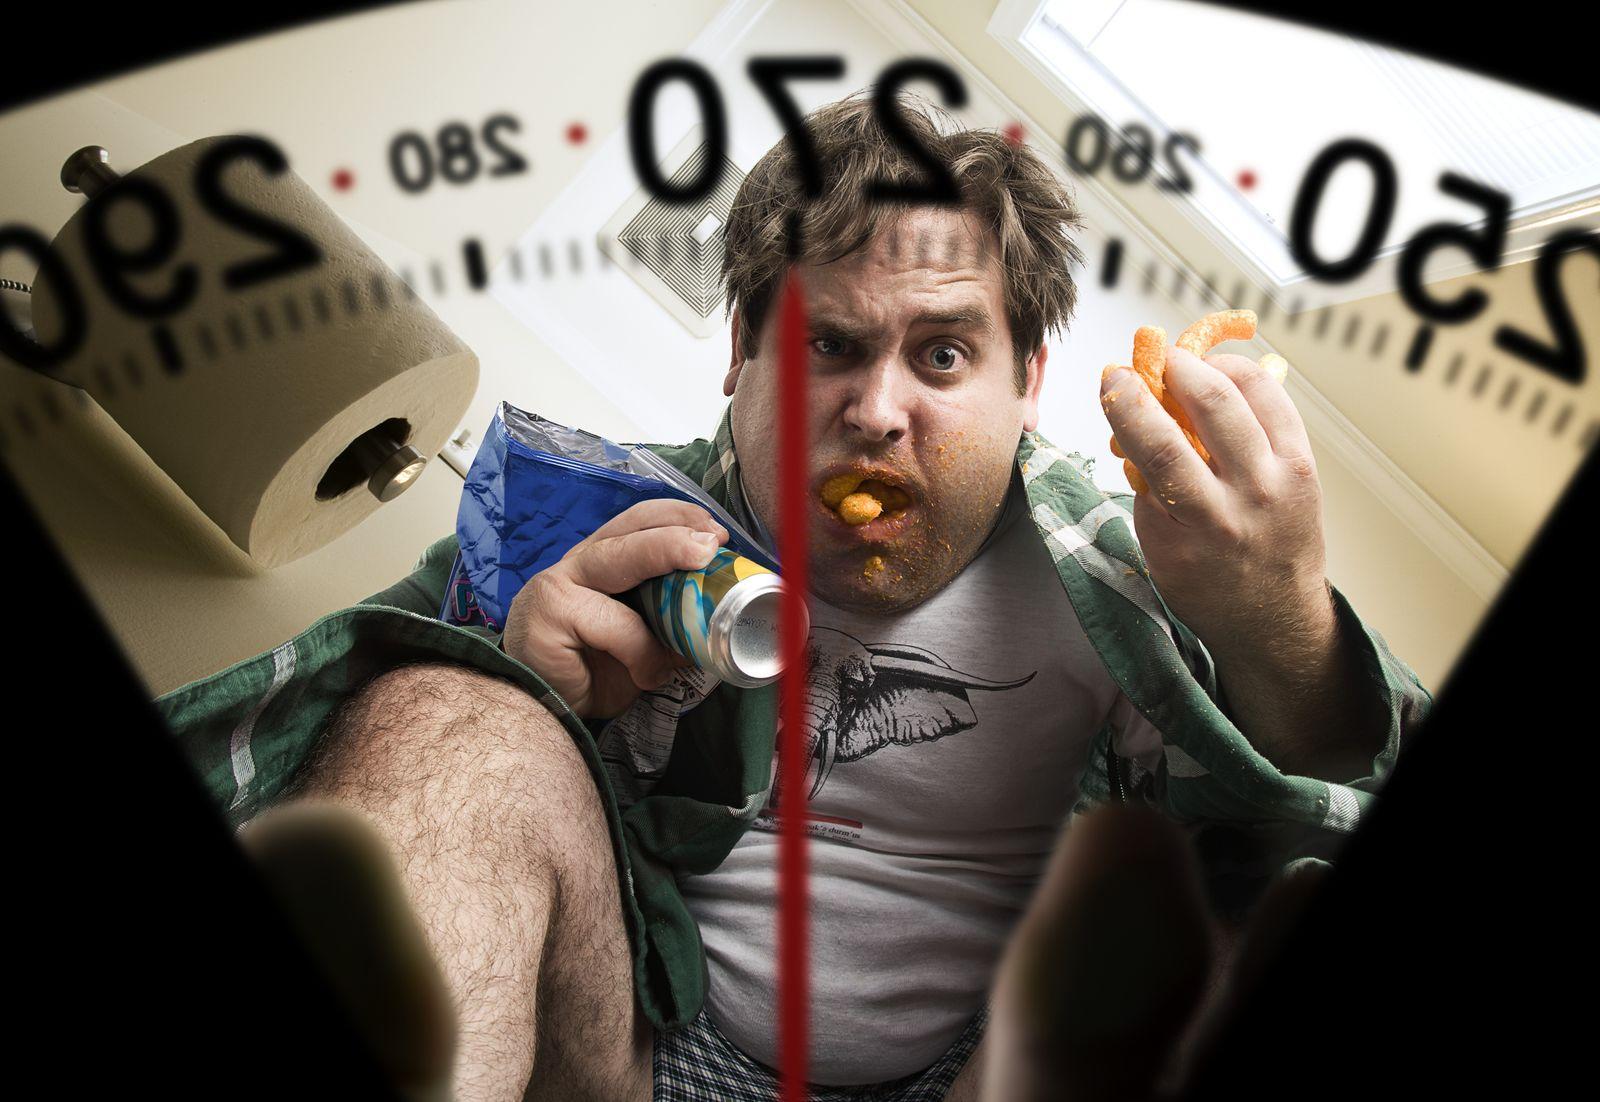 NICHT MEHR VERWENDEN! - Übergewicht / Diabetes / Fast Food